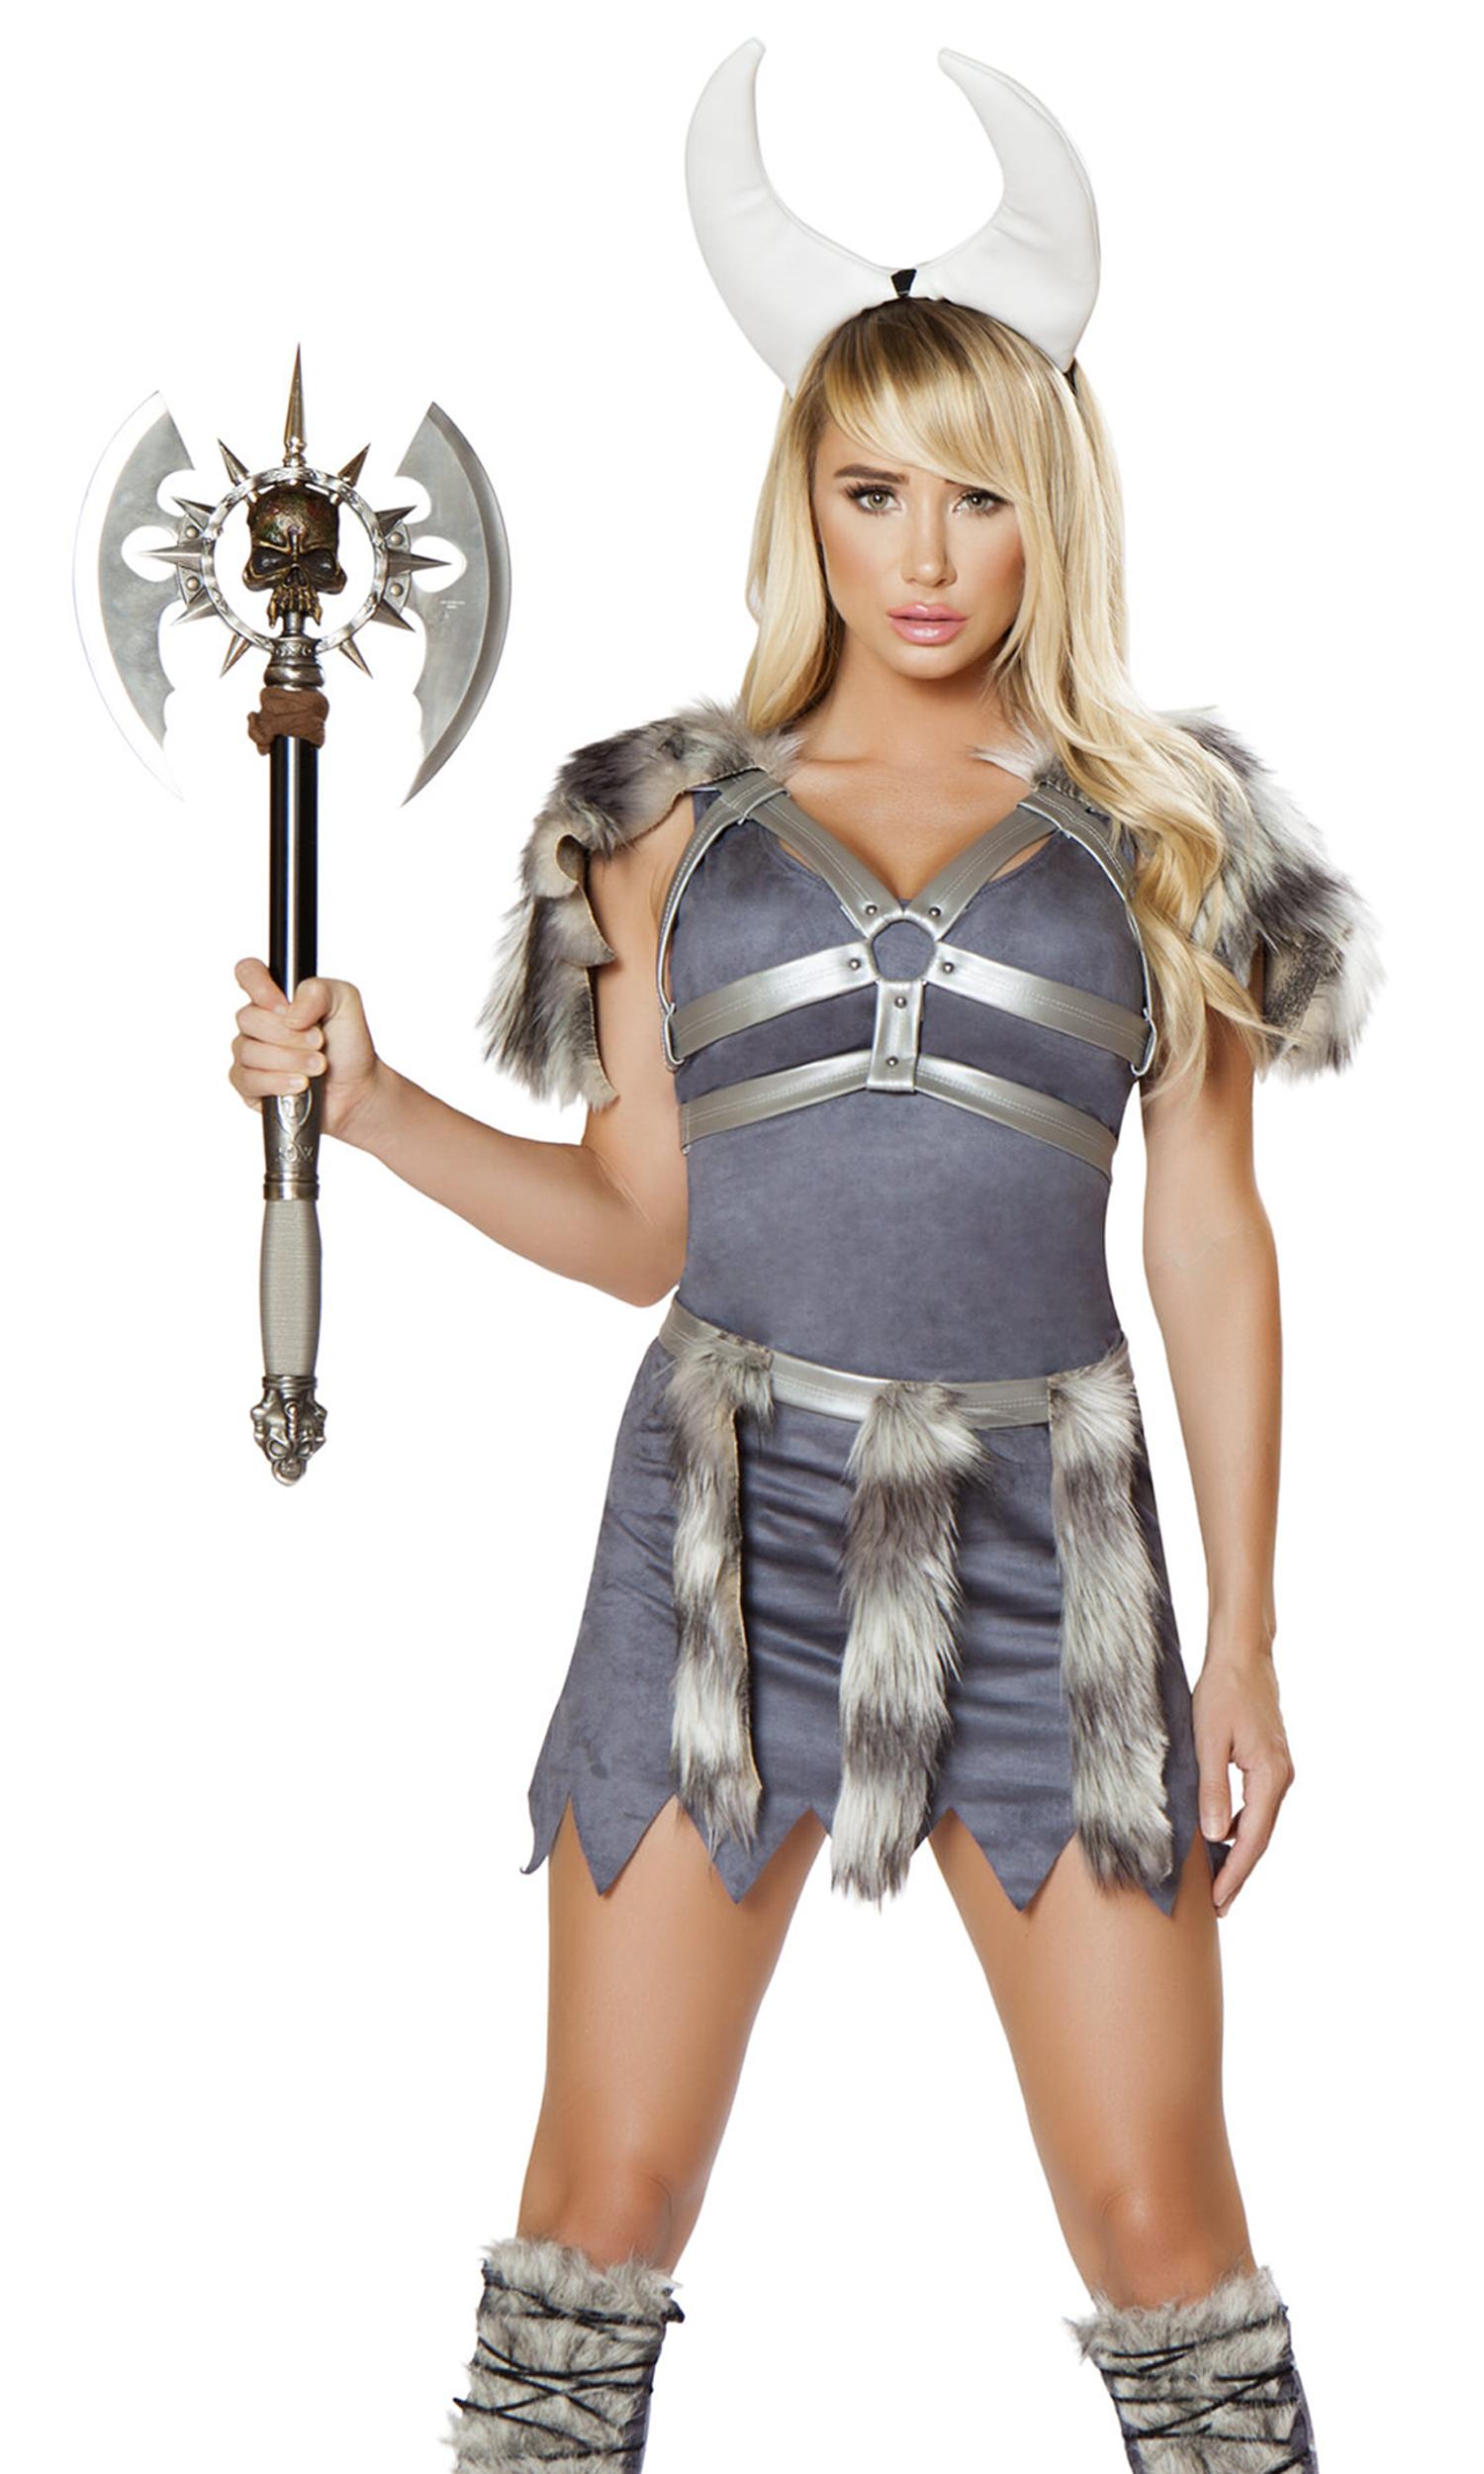 Hot viking costume